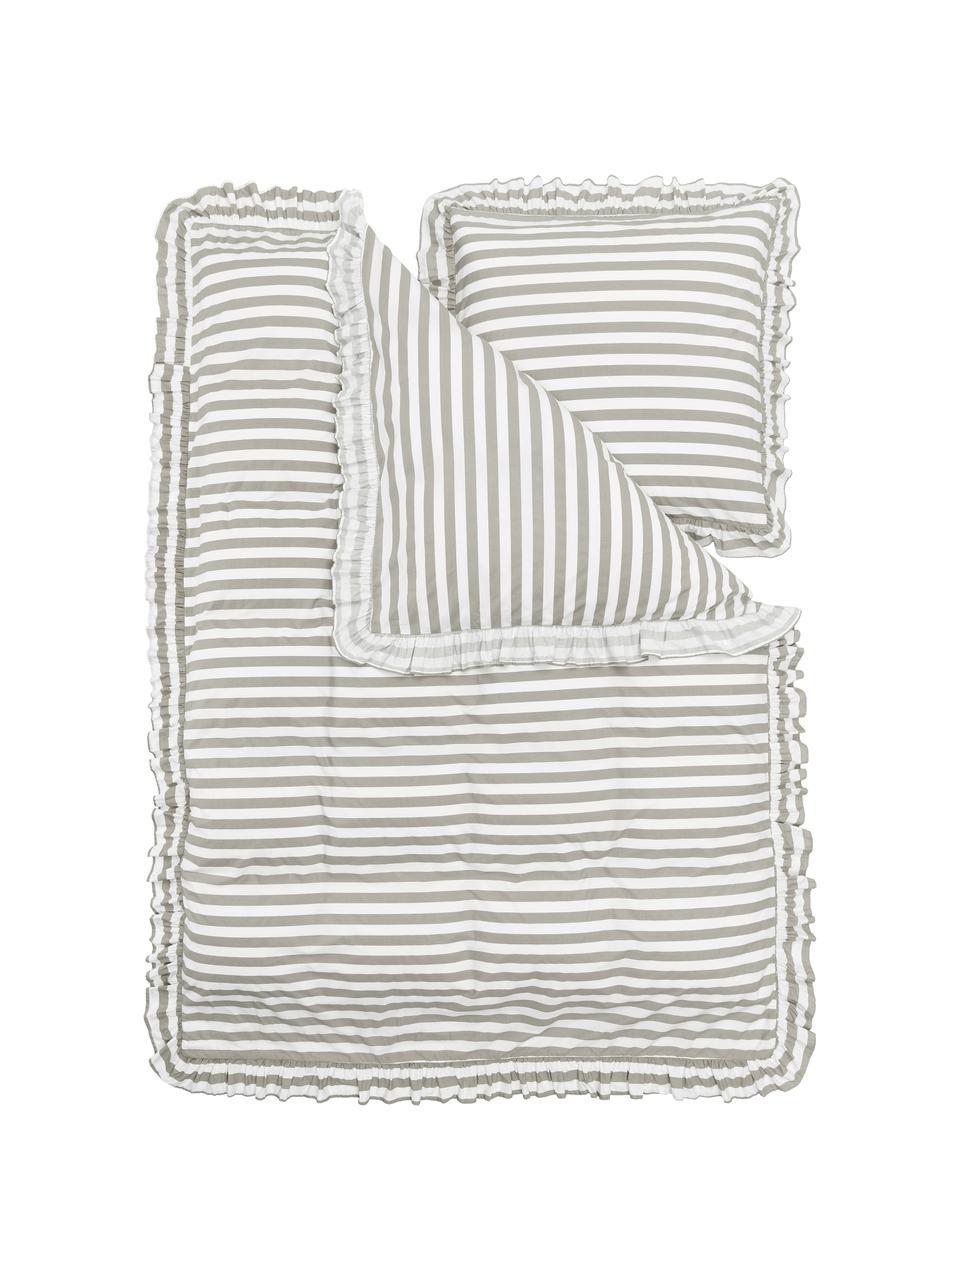 Gewaschene Baumwoll-Bettwäsche Averni mit Rüschen, gestreift, Webart: Perkal Fadendichte 200 TC, Beige, Weiß, 240 x 220 cm + 2 Kissen 80 x 80 cm